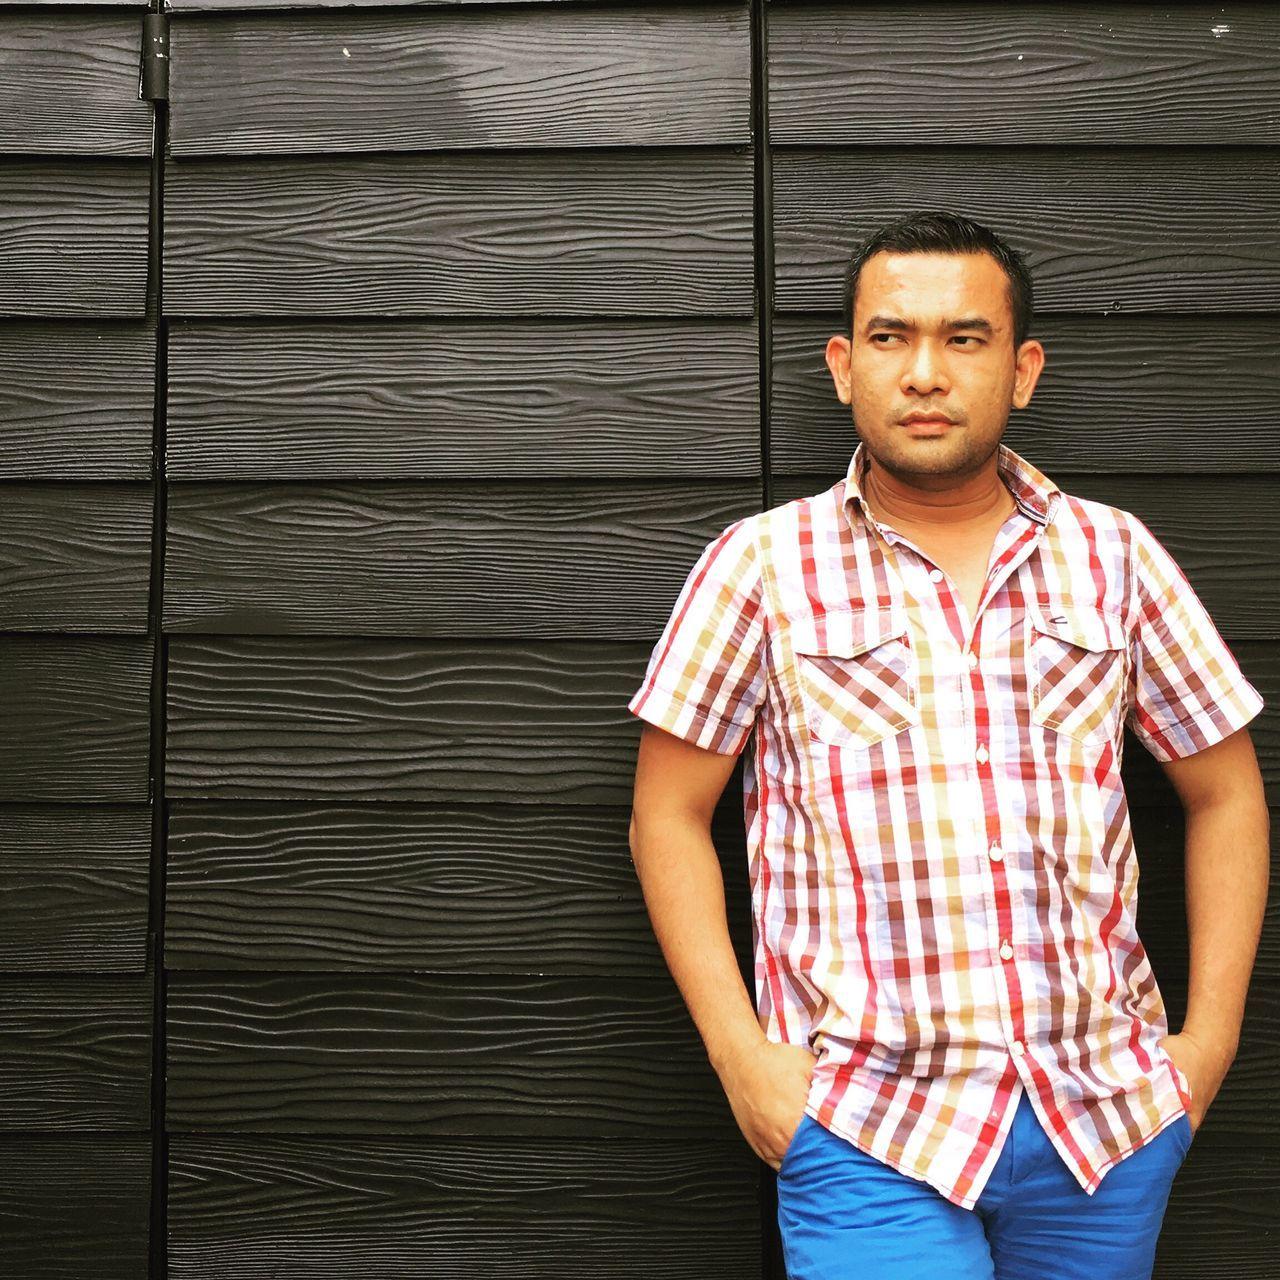 Man Standing Against Wooden Door